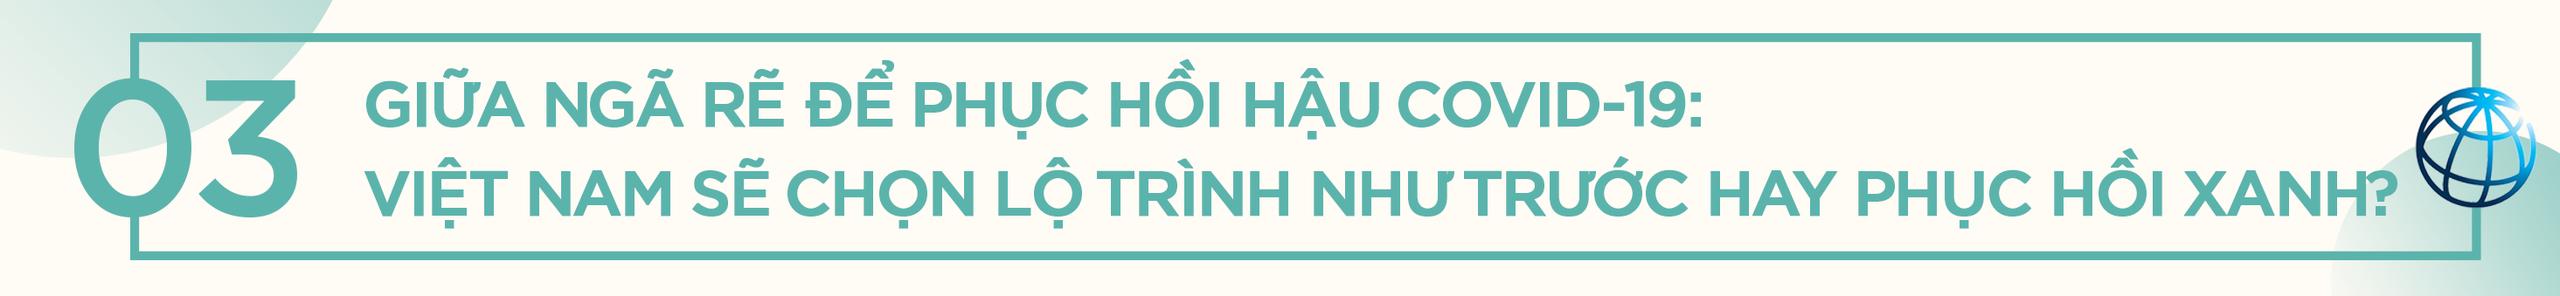 Giám đốc Quốc gia WB tại Việt Nam: Phục hồi xanh không có nghĩa là đánh đổi tăng trưởng kinh tế! - Ảnh 3.